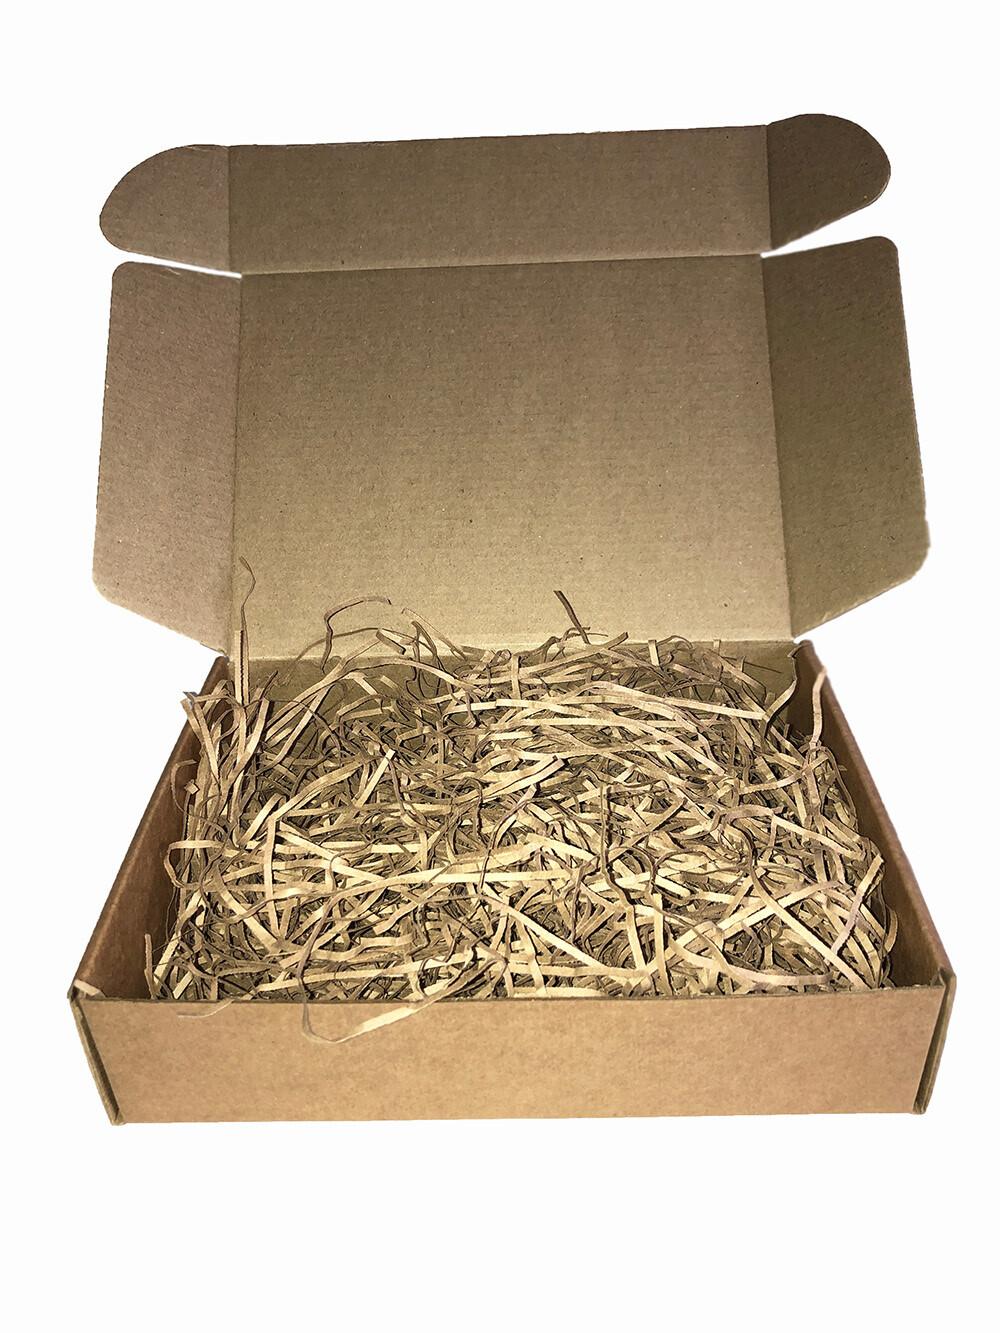 BARBARO Подарочная брендированная коробка крафт большая  (200*150*50)